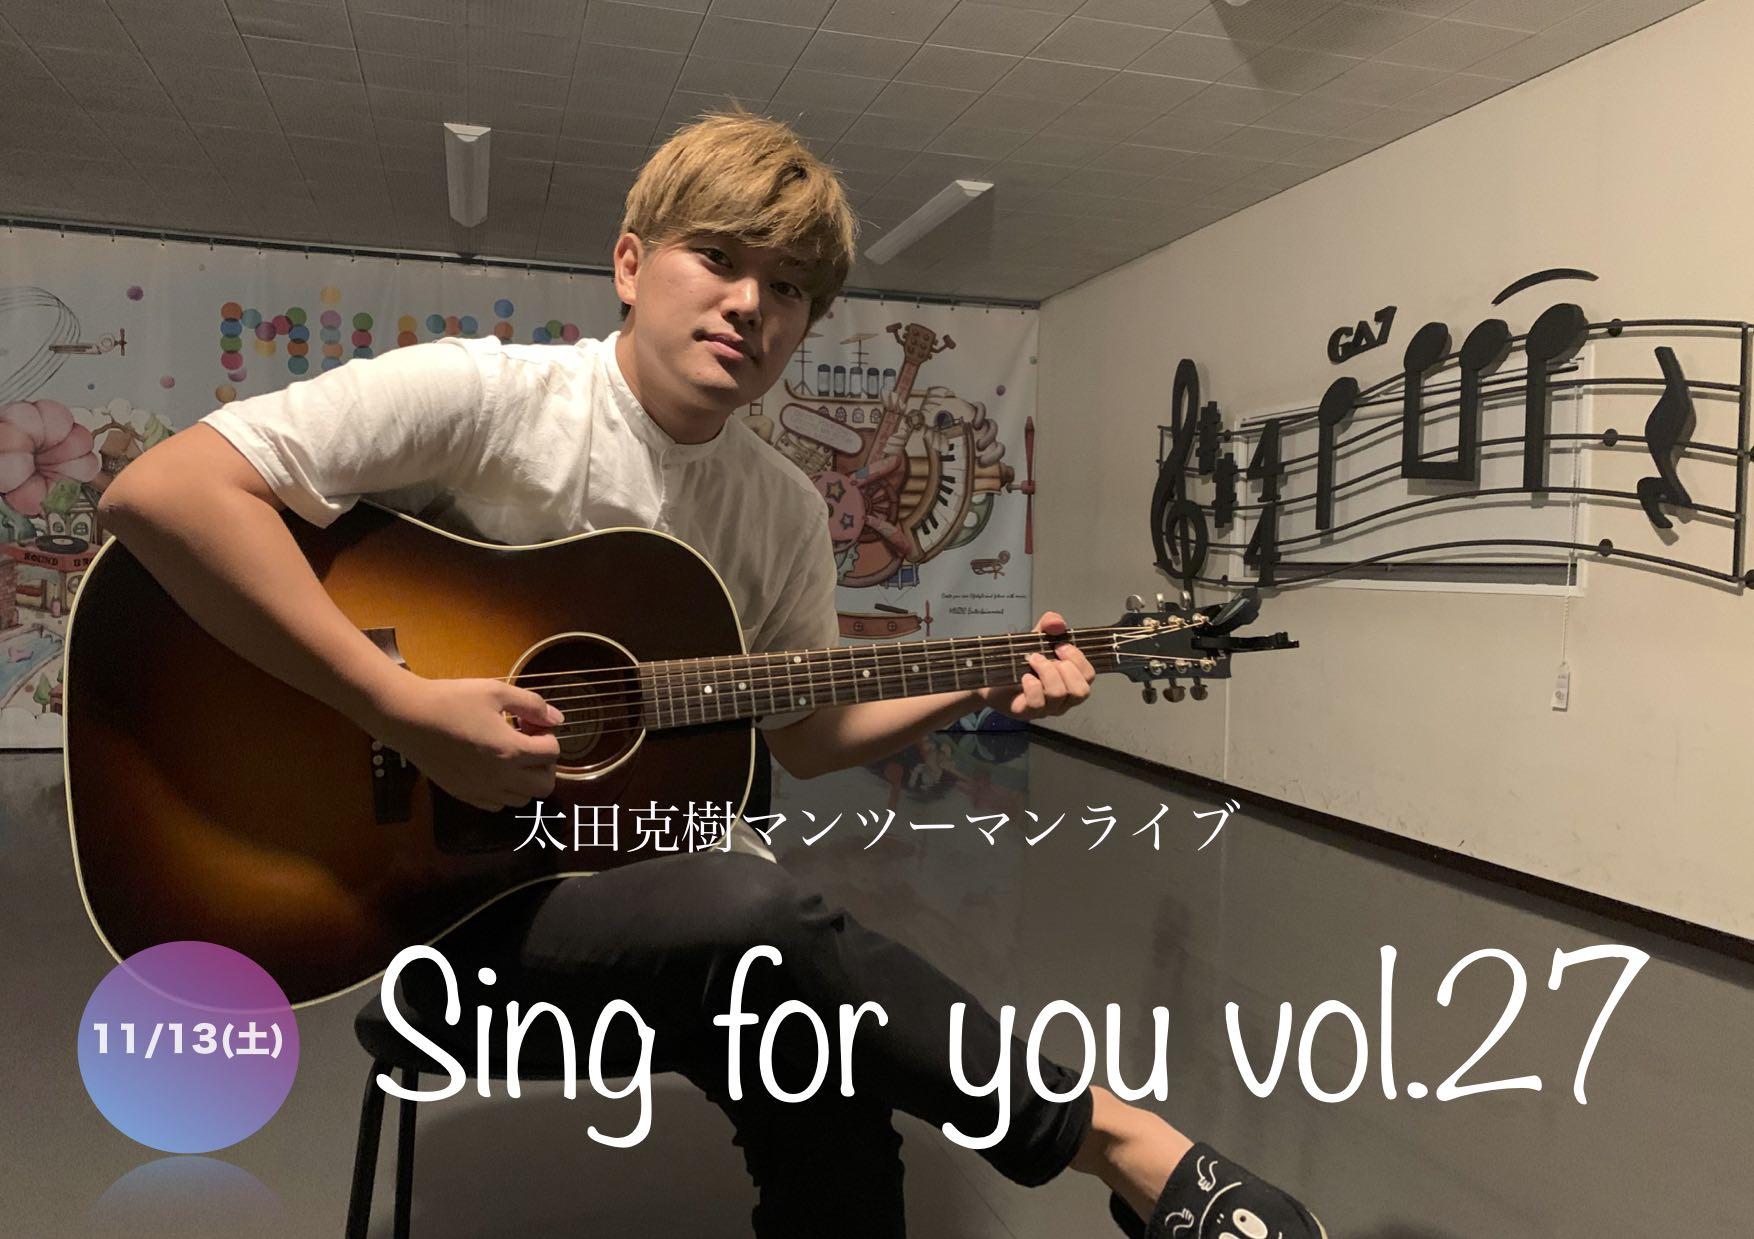 【太田克樹】11/14(日)マンツーマンライブ「Sing for you vol.27」